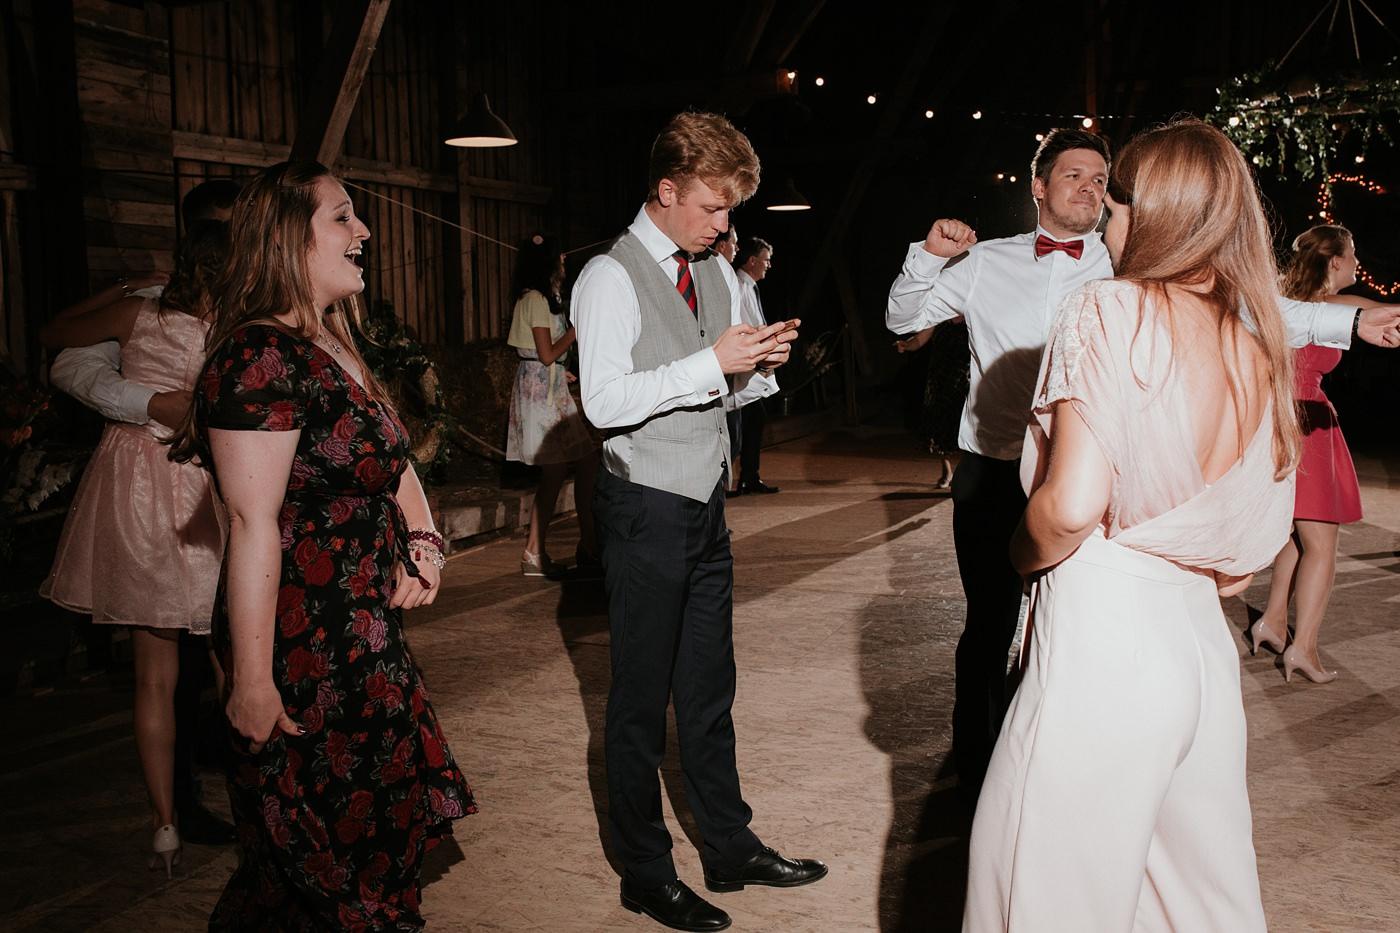 Dominika & Aleksander - Rustykalne wesele w stodole - Baborówko 116